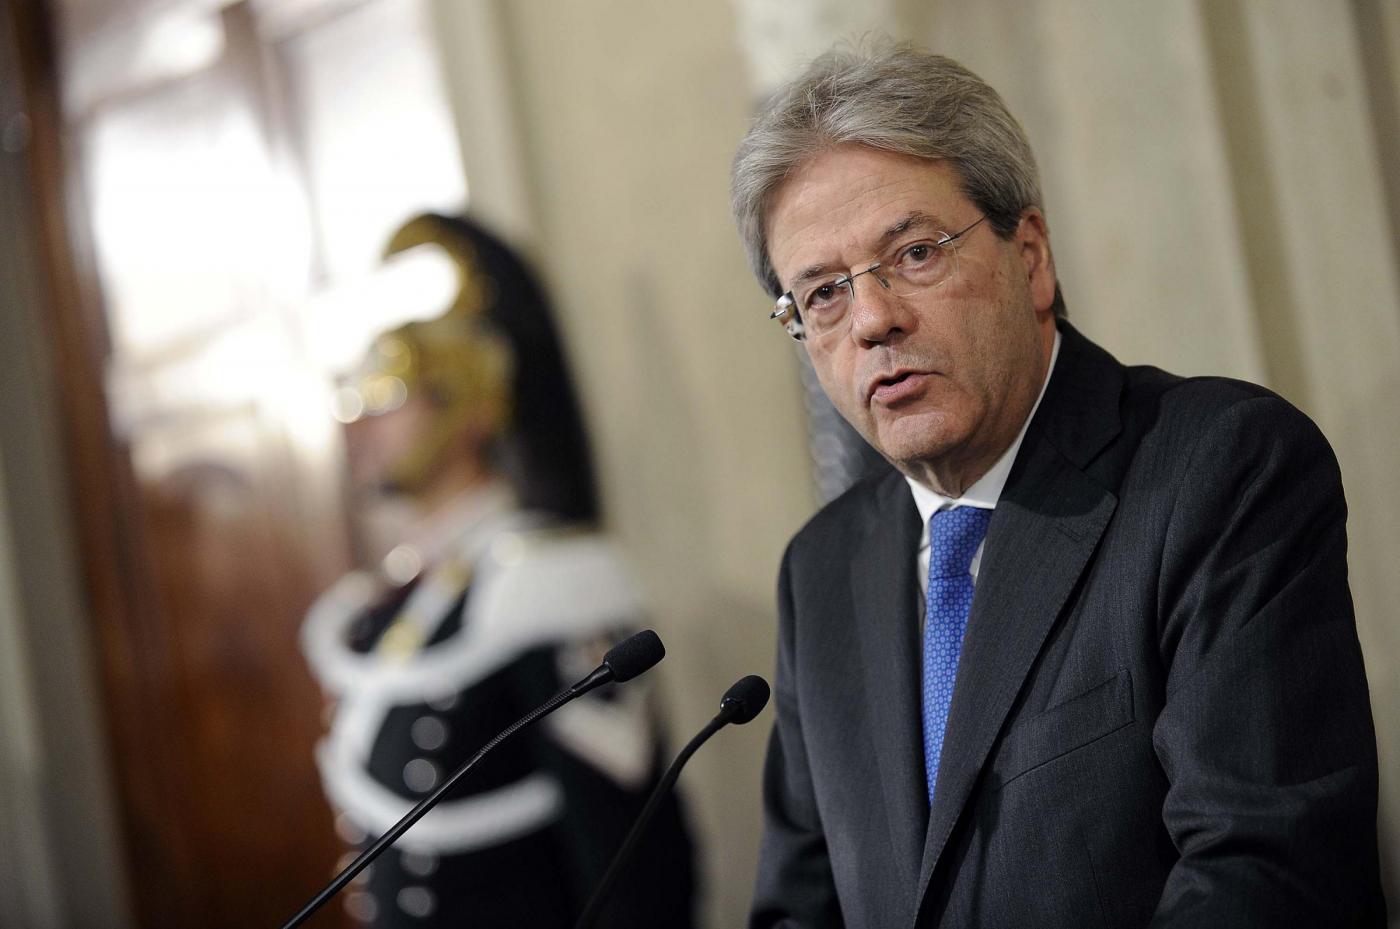 Crisi di governo, Gentiloni accetta con riserva: già in serata il giuramento